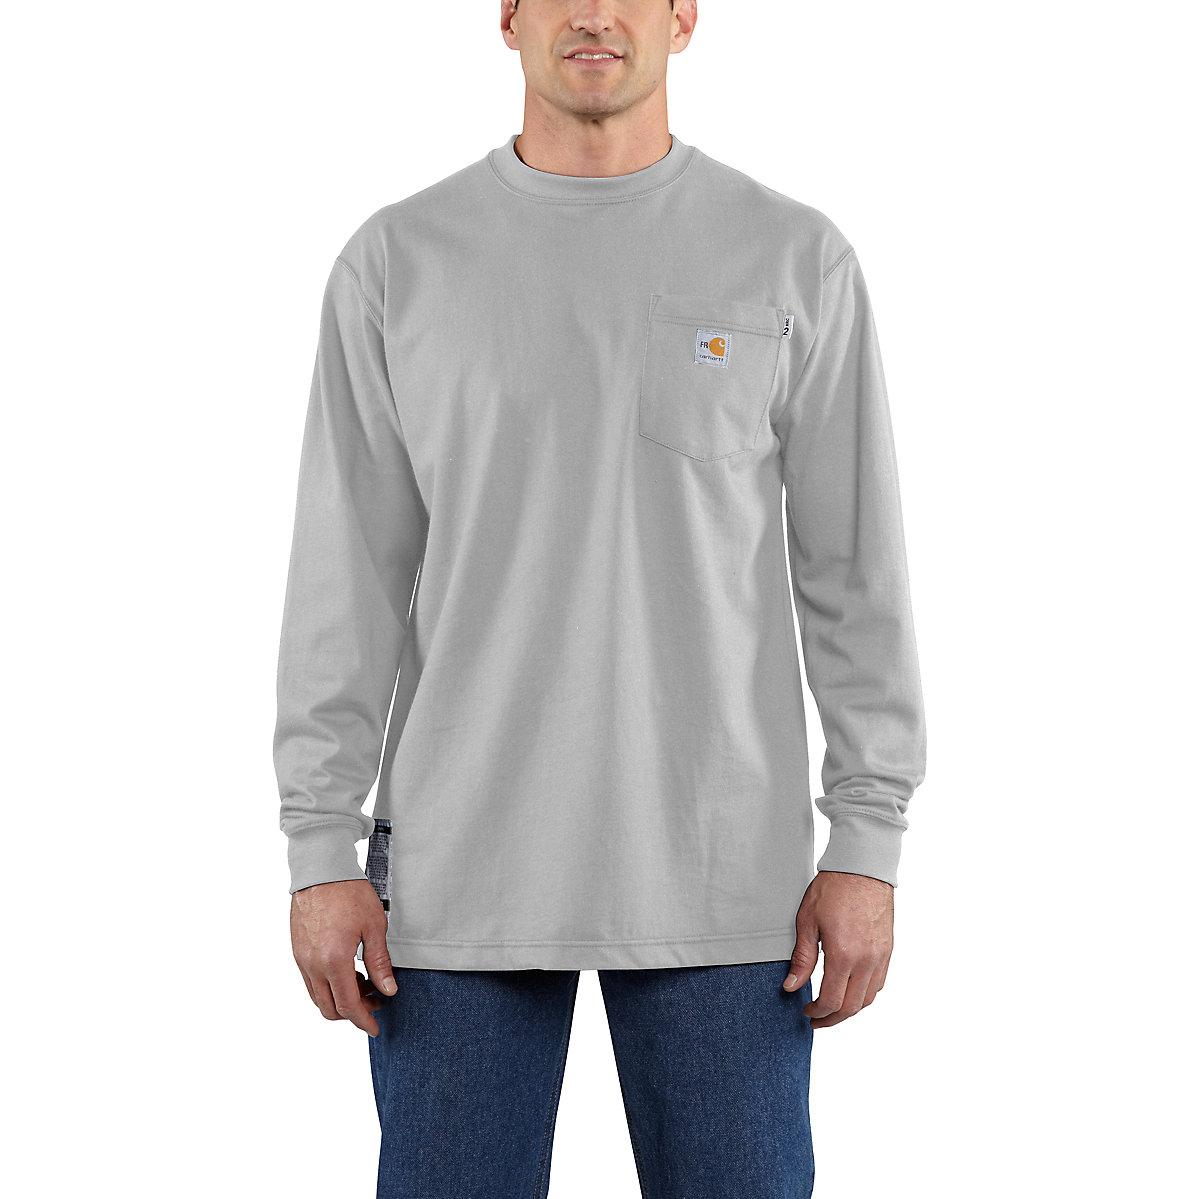 Men 39 s flame resistant carhartt force cotton long sleeve t for Carhartt men s long sleeve lightweight cotton shirt